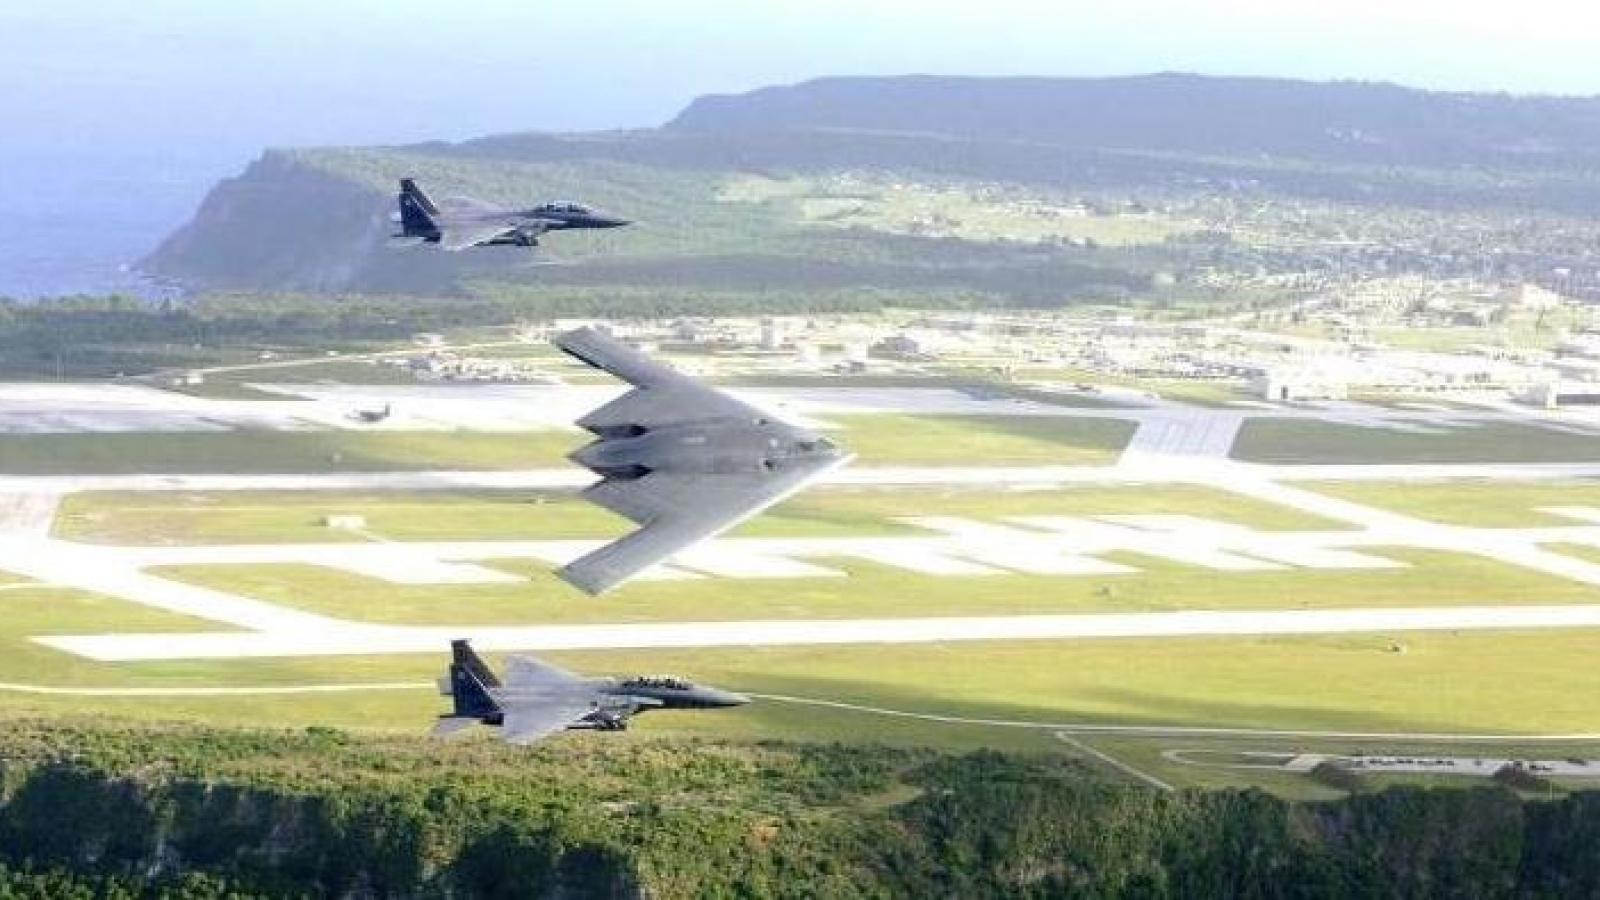 Đô đốc Mỹ: Bất kỳ tham vọng và đe dọa nào của Trung Quốc với Guam đều phải trả giá